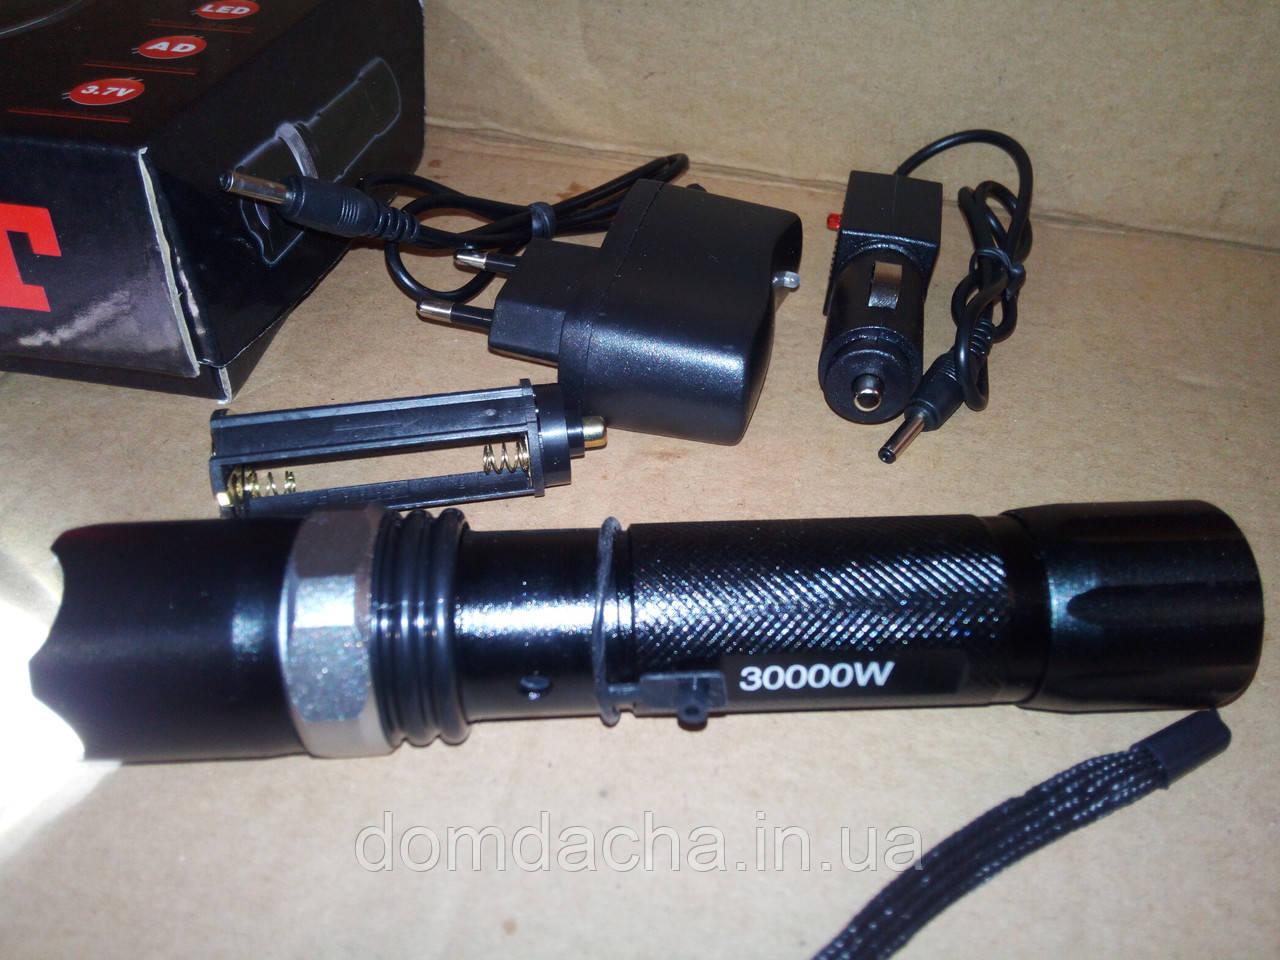 Тактический фонарик  T6 50000W